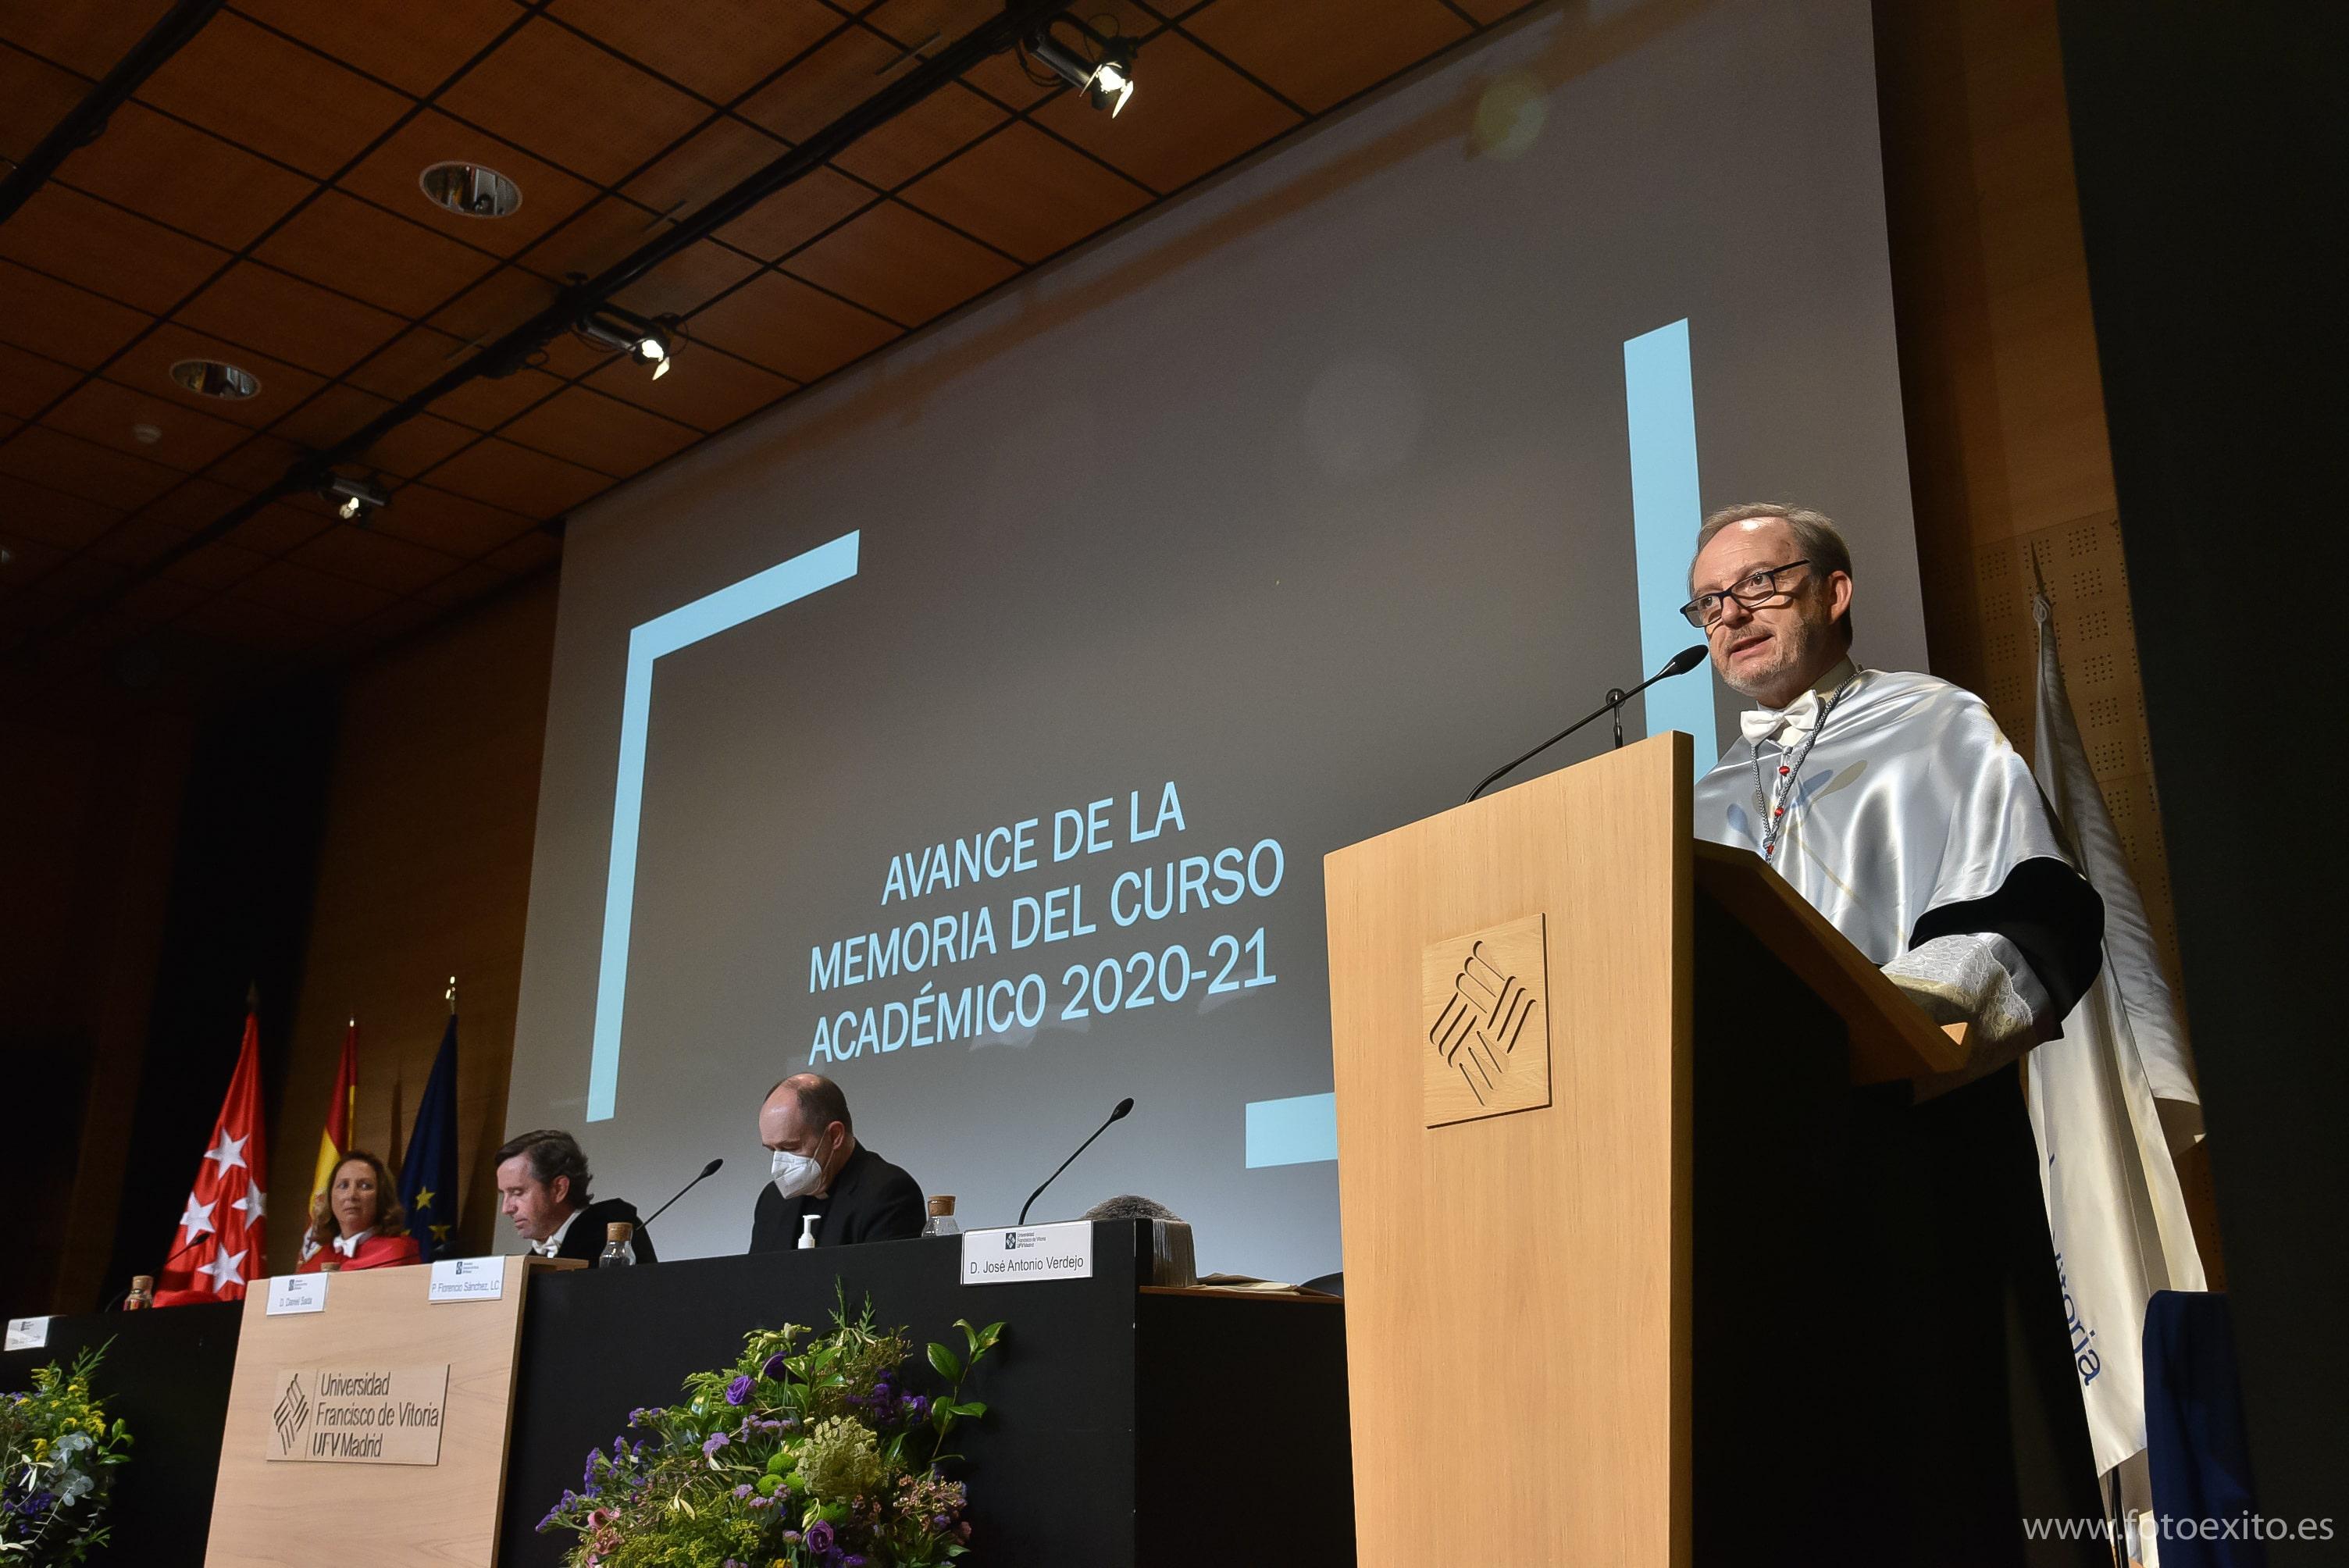 210915UFV 217 min Actos académicos Estudiar en Universidad Privada Madrid